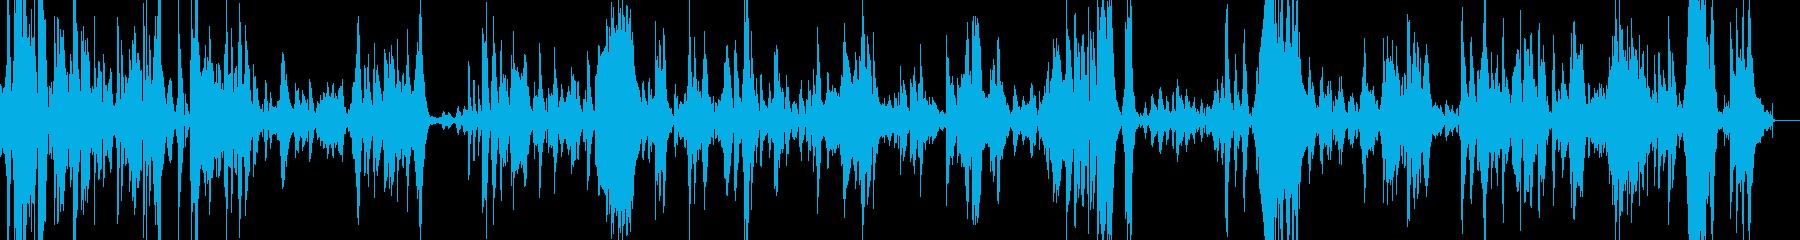 夢の欠片をイメージしたピアノソロの再生済みの波形